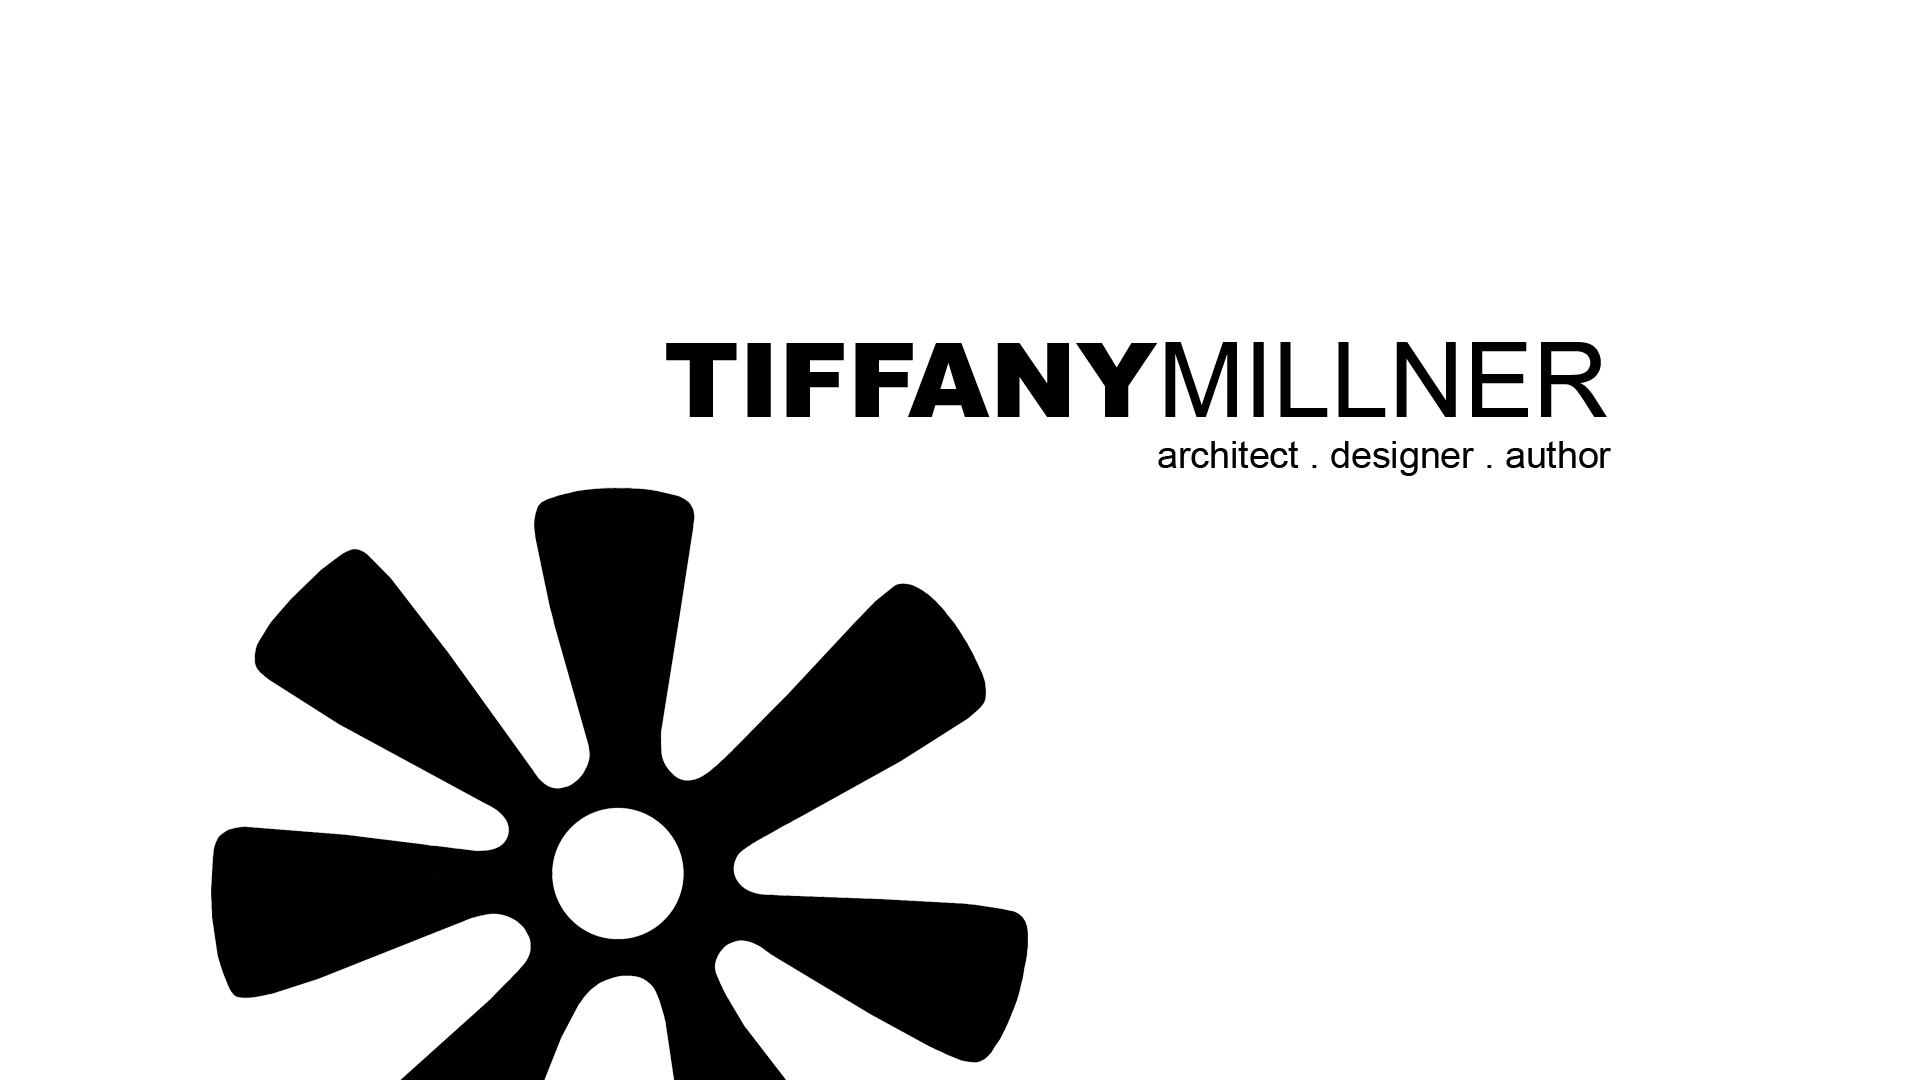 Tiffany Millner